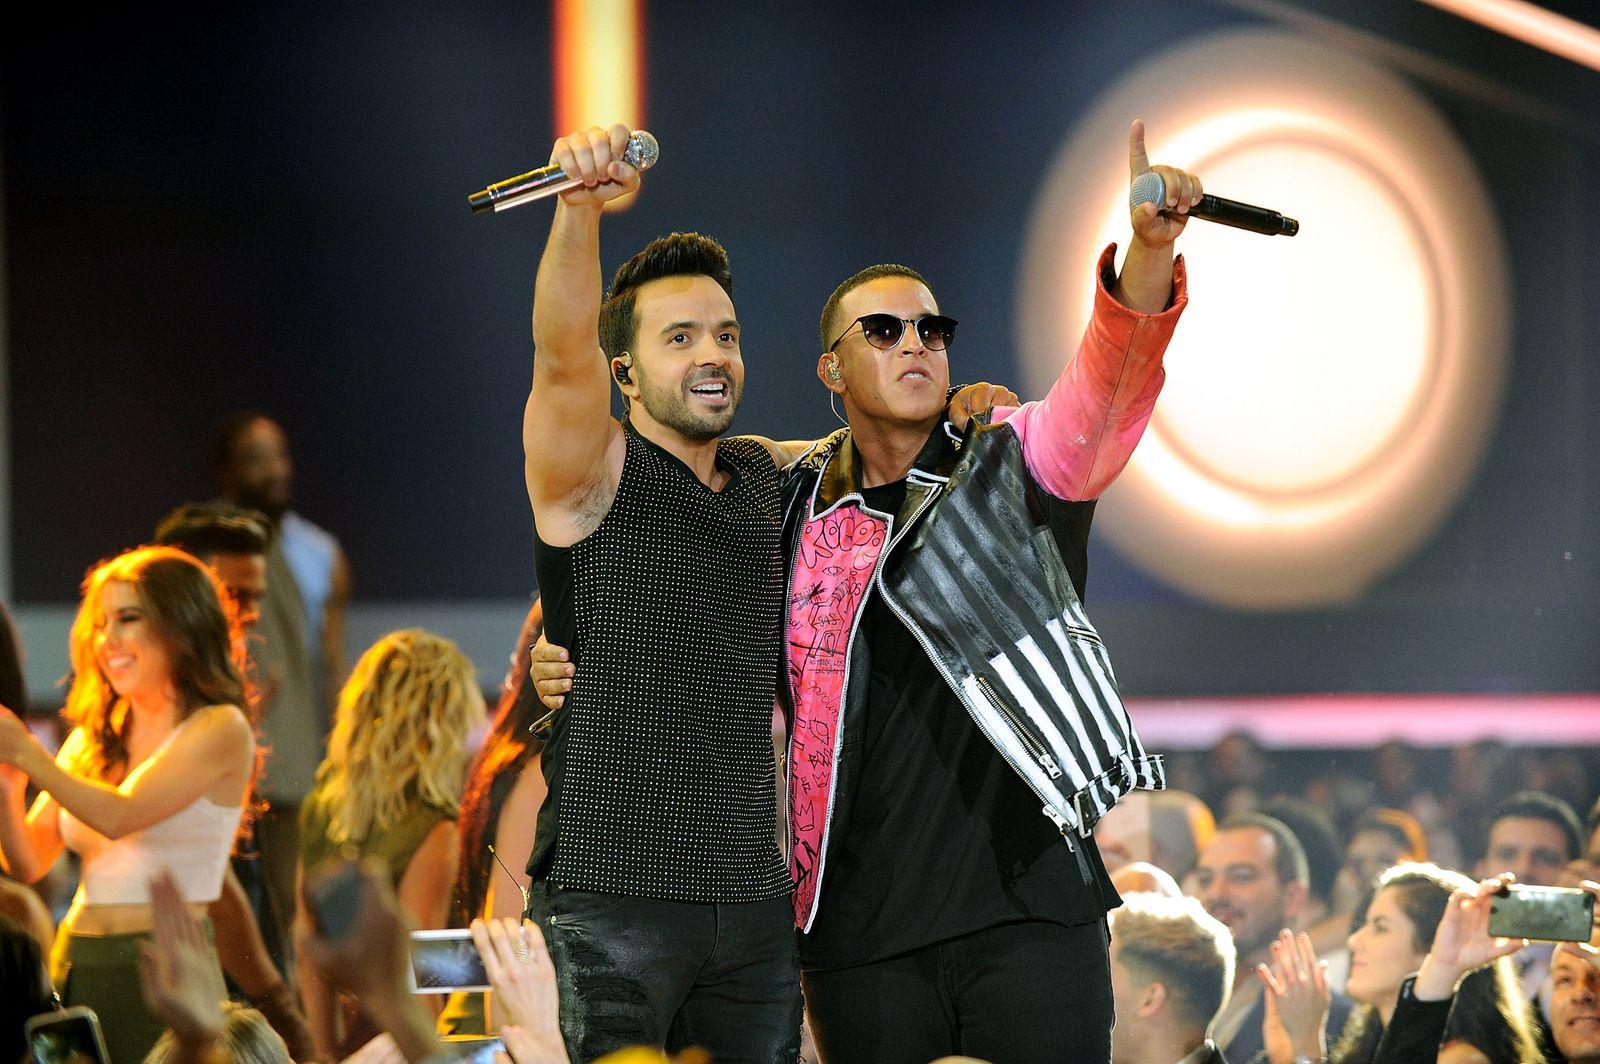 Luis Fonsi & Daddy Yankee: Despacito